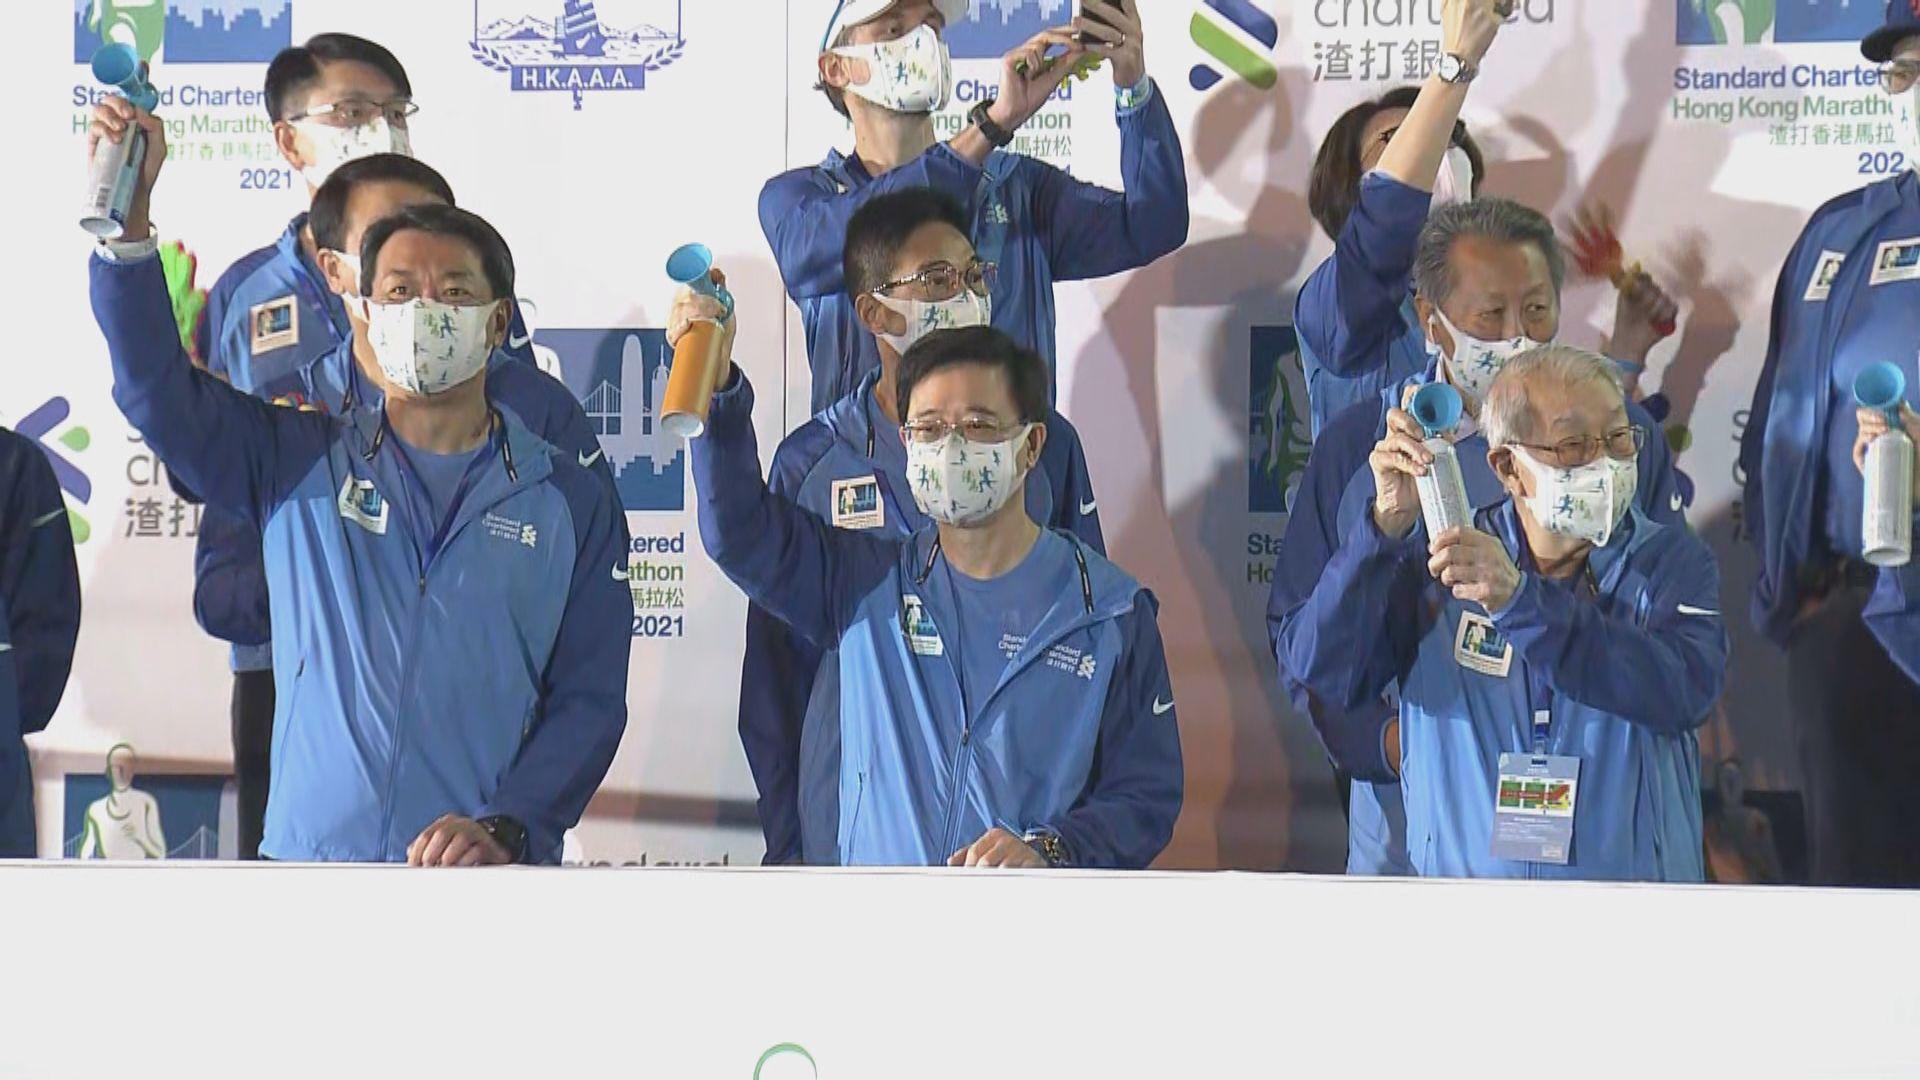 渣打馬拉松復辦 參賽者可不戴口罩作賽